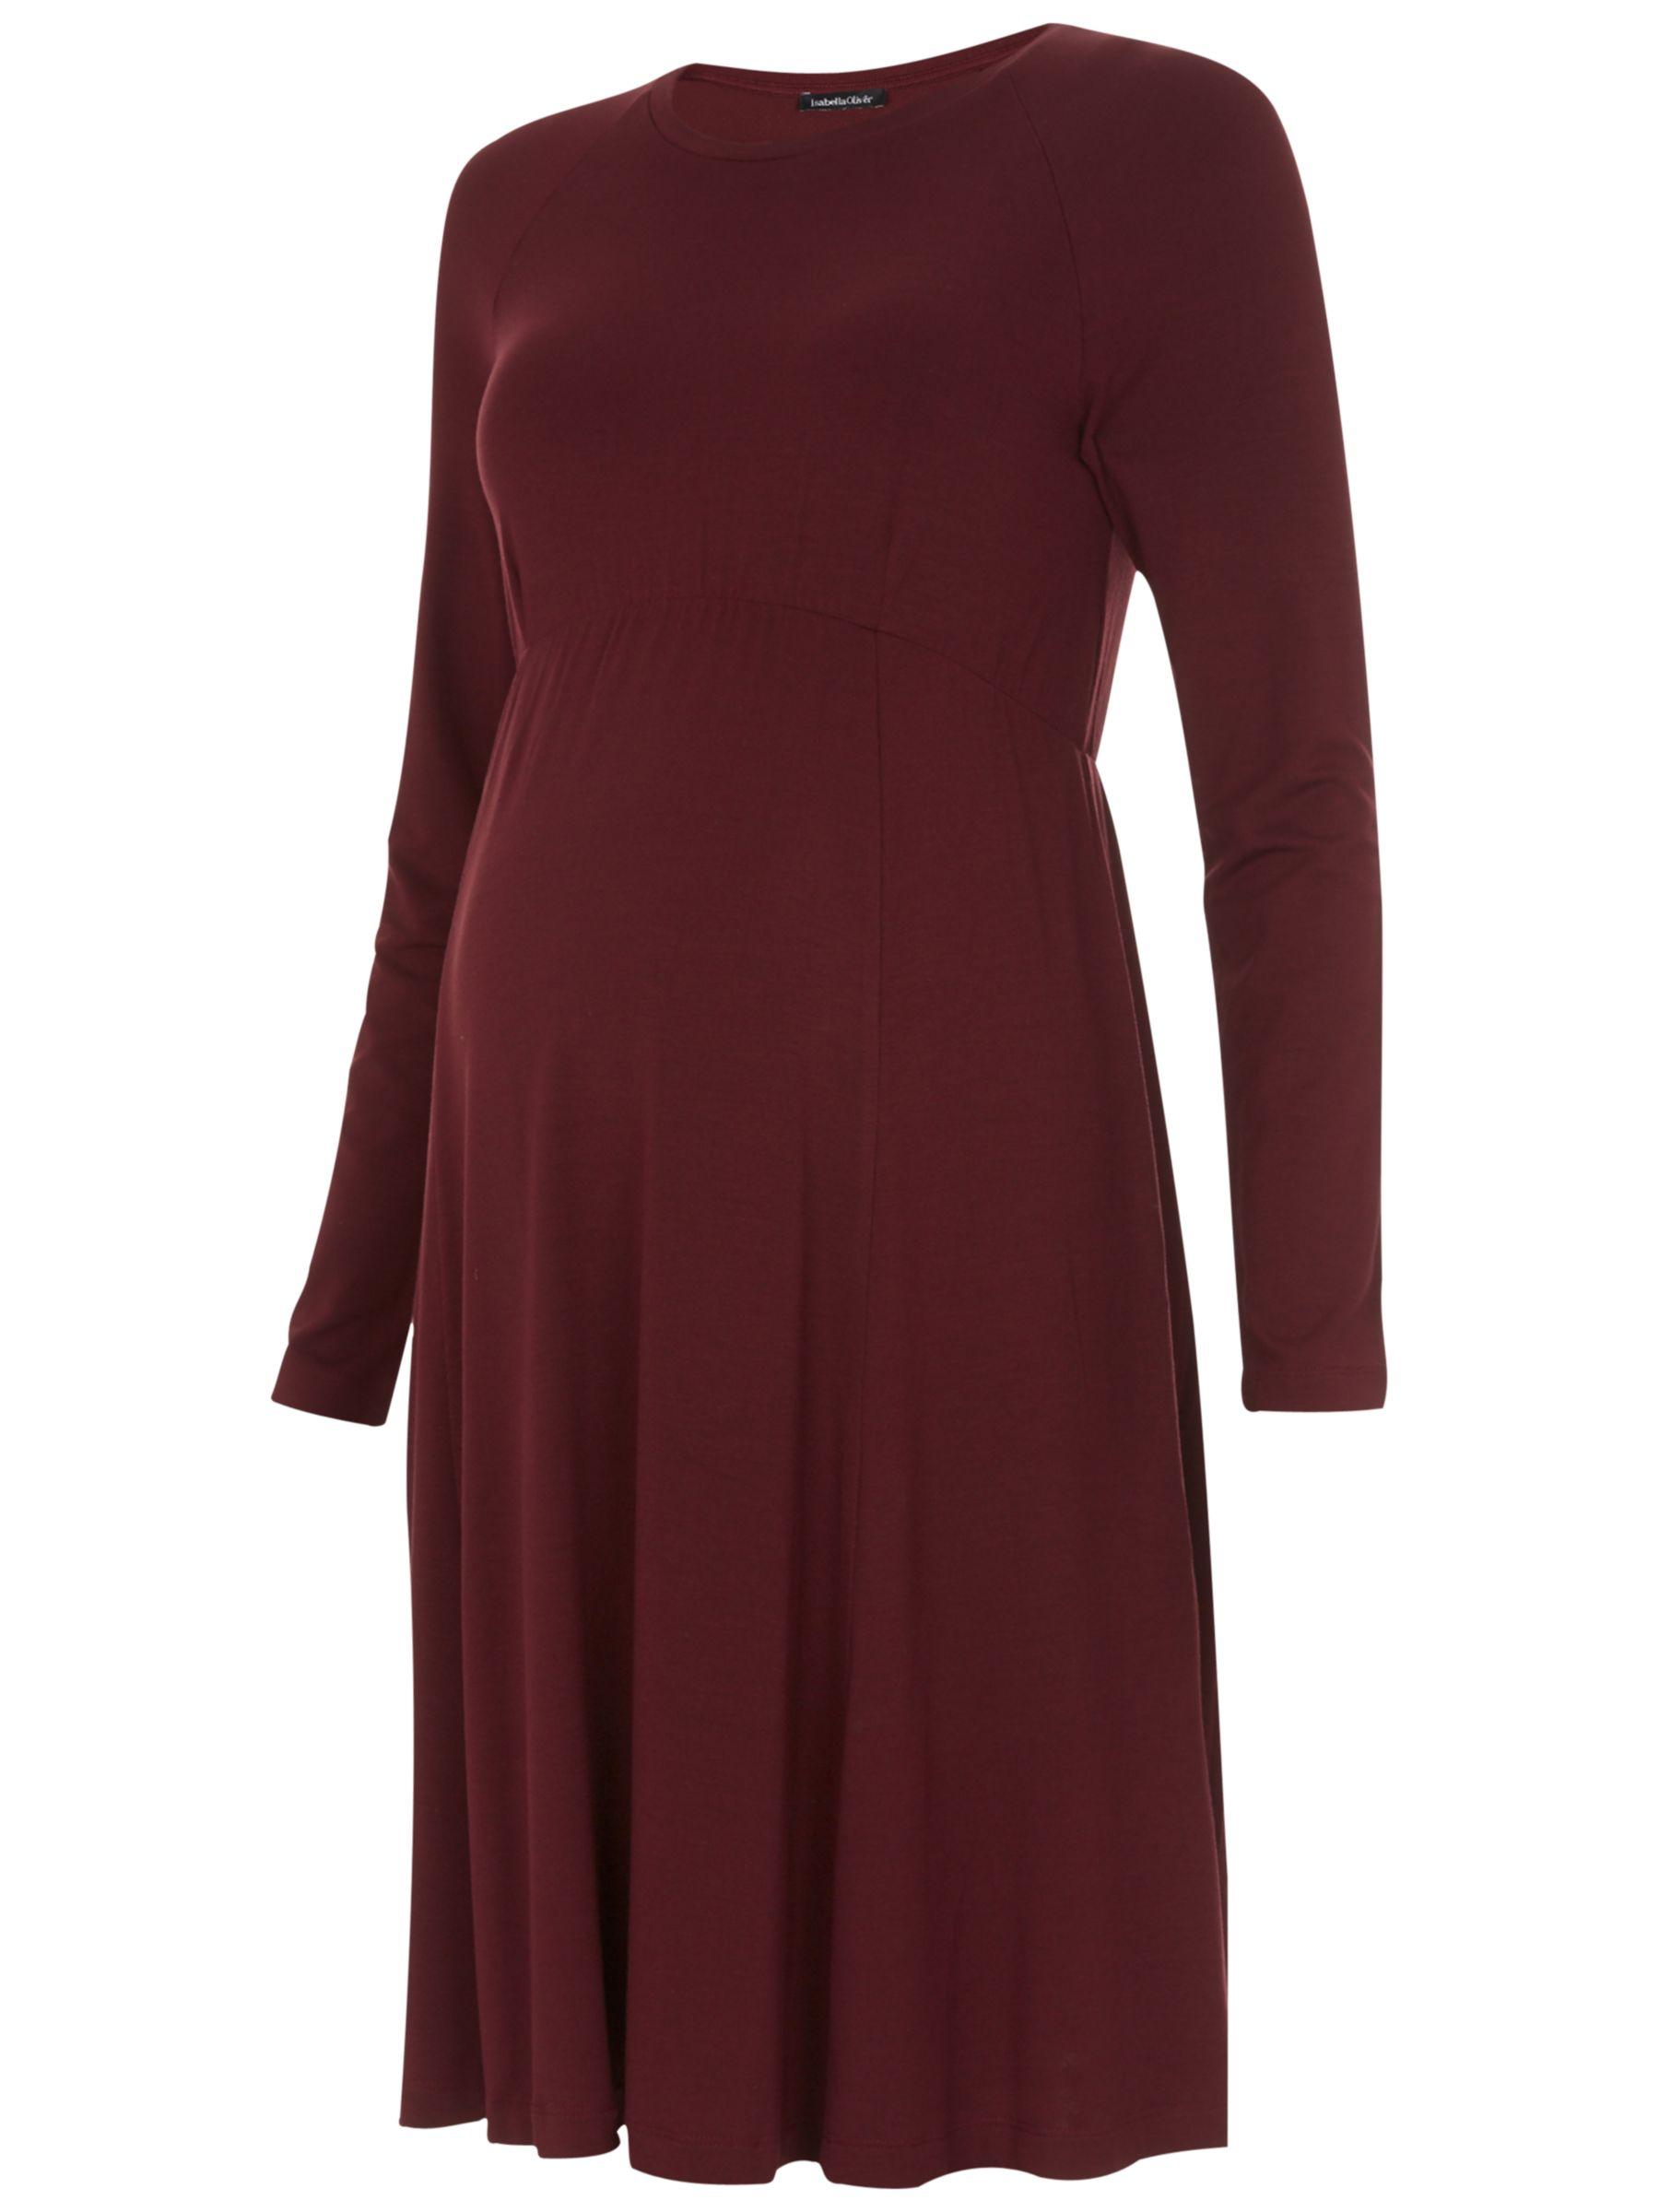 Isabella Oliver Isabella Oliver Danbury Maternity Dress, Deep Burgundy